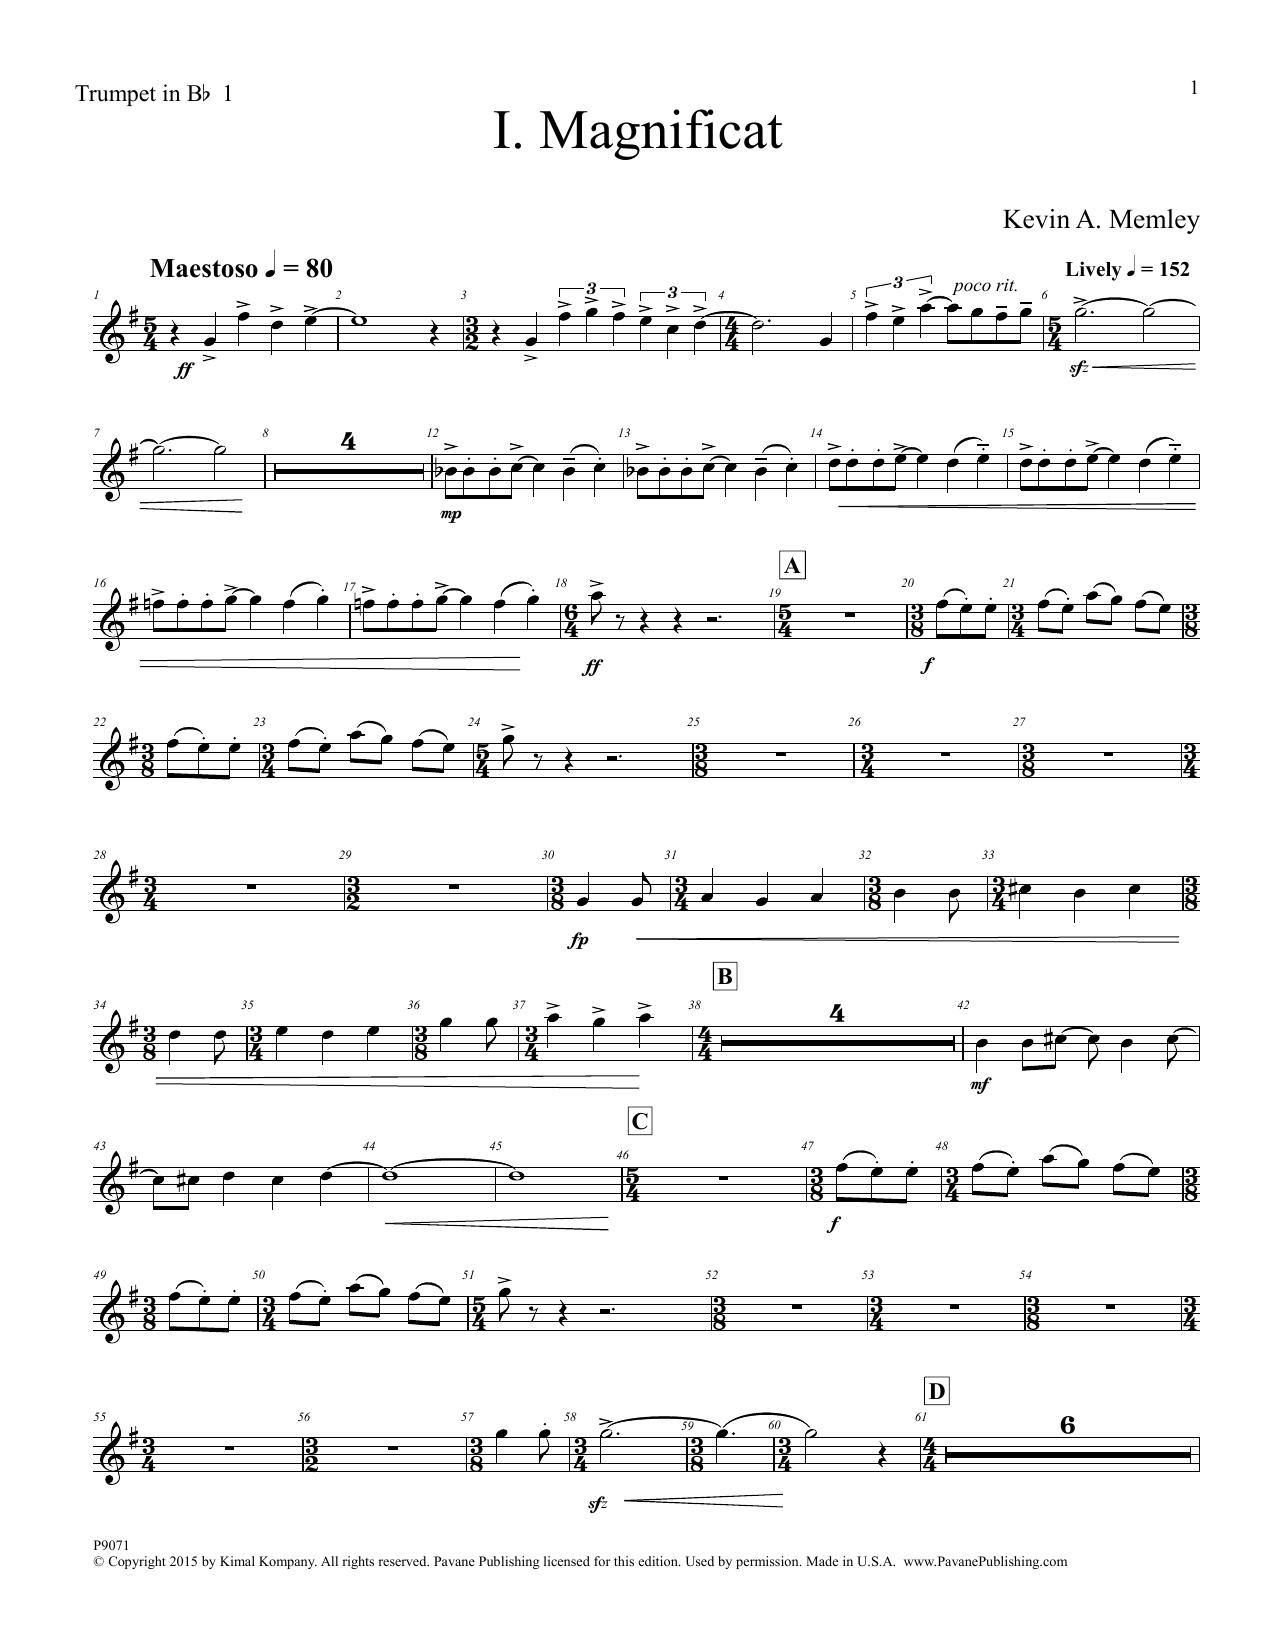 Magnificat - Trumpet 2, 3